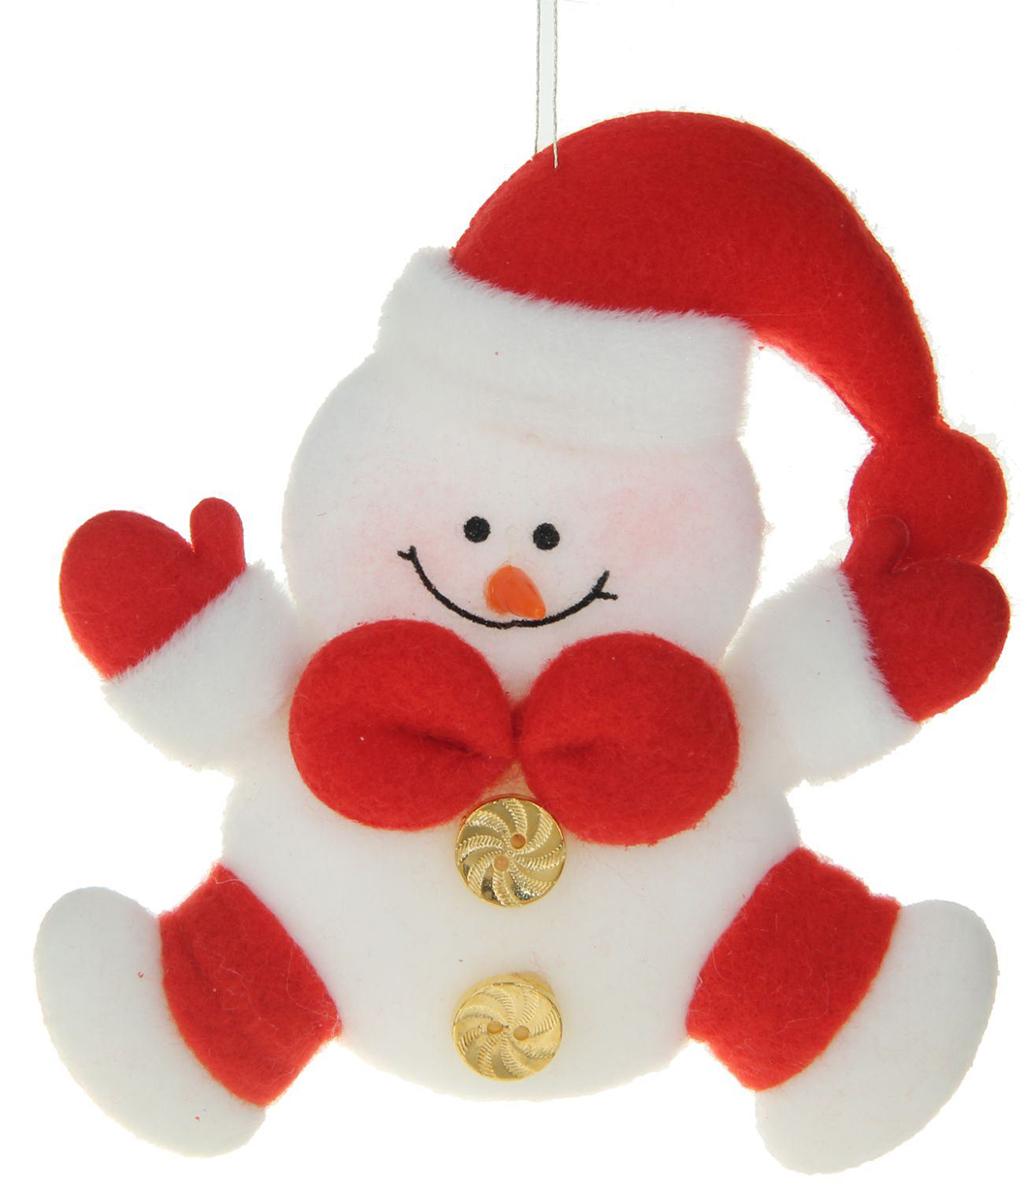 Украшение новогоднее Снеговик с красным бантиком1381168Ничто так не преображает торжество, как очаровательные новогодние игрушки. Мягкое украшение наполнит праздничный интерьер уютом. Используйте его отдельно или повесьте на елку. Оригинальный декор создаст чудесное настроение. Ведь праздник складывается из милых сердцу мелочей.